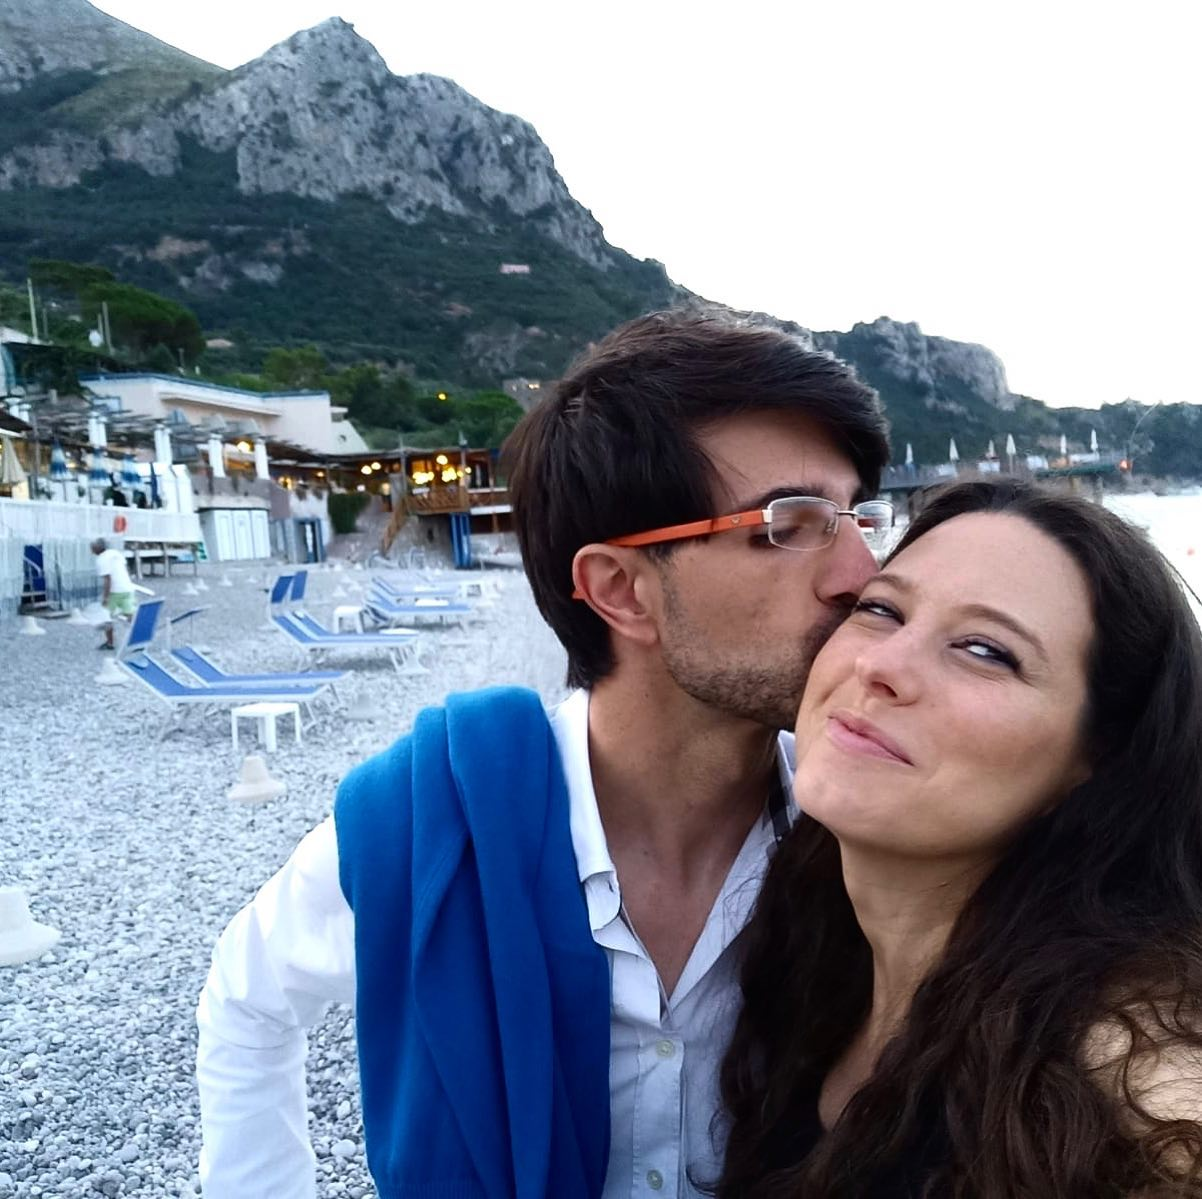 """Viterbo, """"cuori in Comune"""", foto-bacio su fb per l'anniversario a Sorrento per la coppia Sberna-Sabatini, il nuovo """"partito dell'amore"""" illumina Viterbo"""